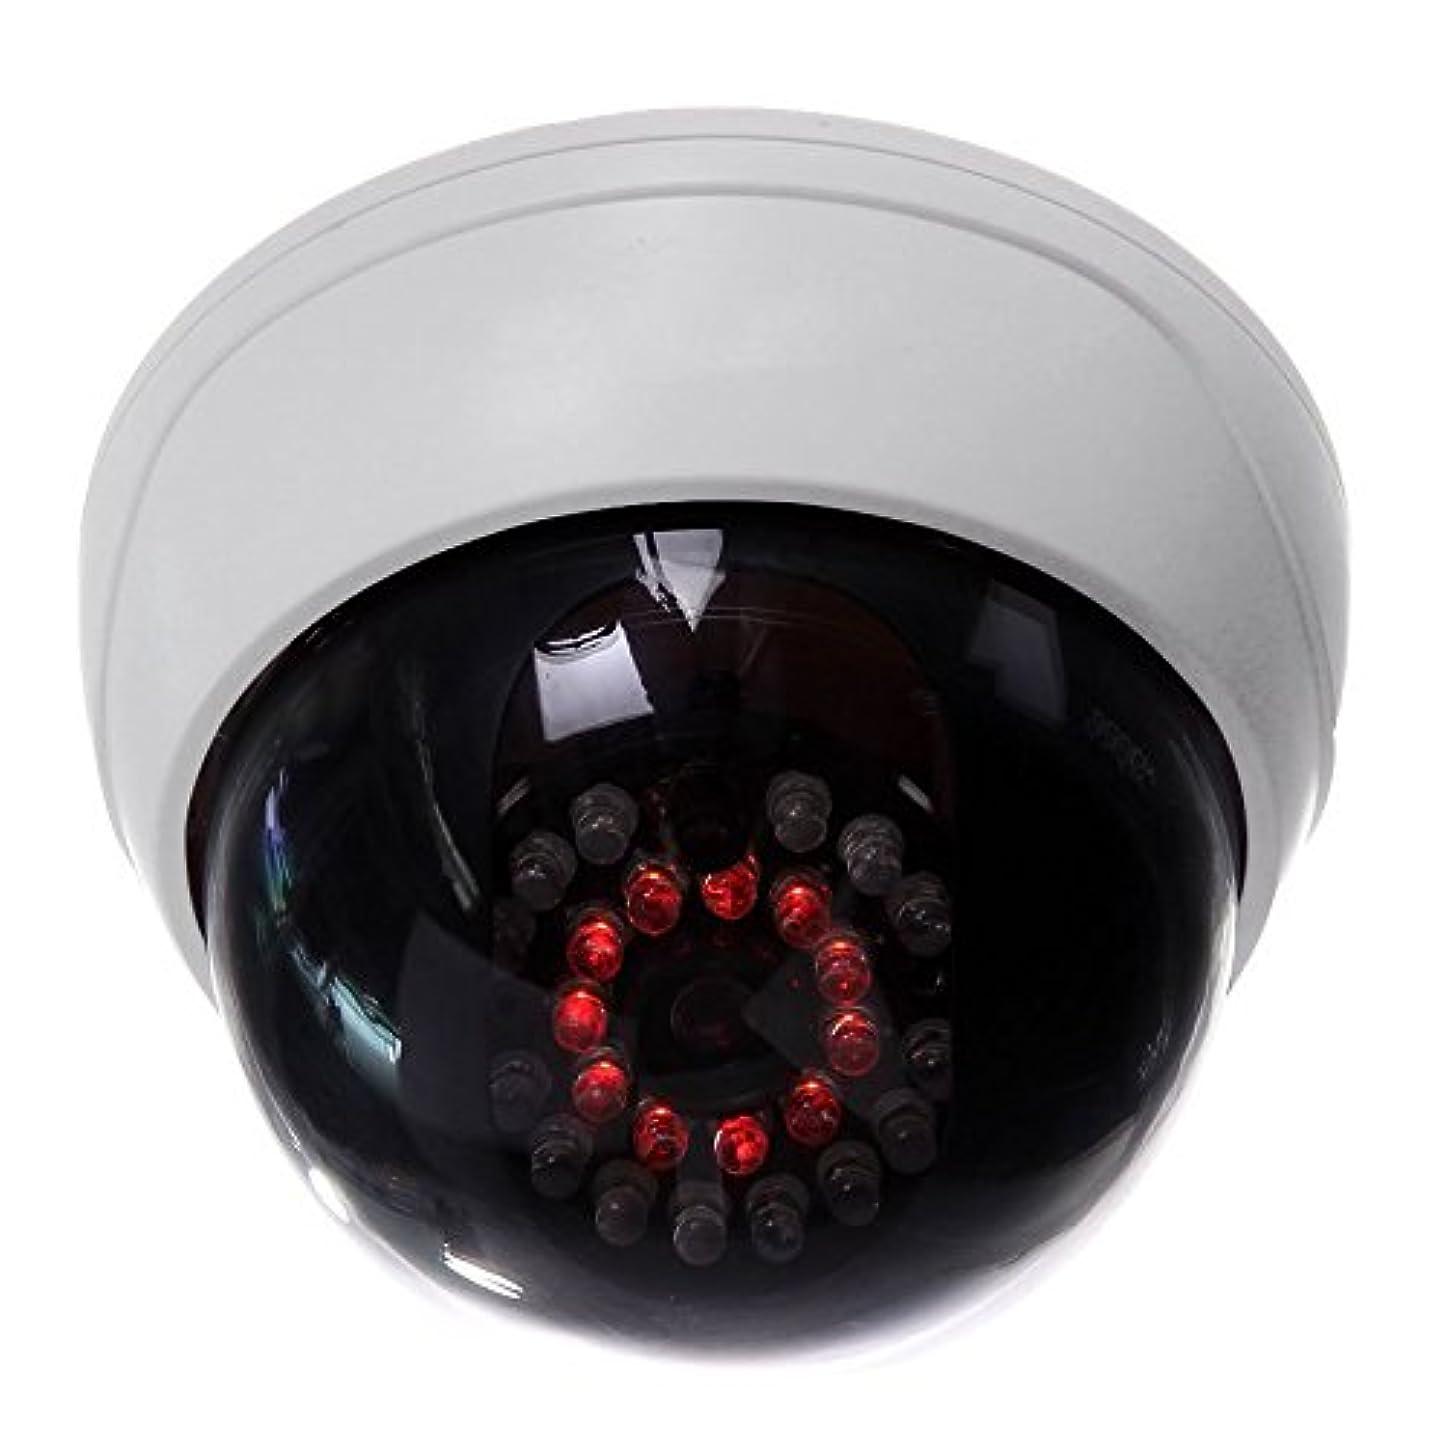 もっともらしい中国驚くばかりGaoominy インドアCCTVの偽のダミードームセキュリティカメラ IR LED付き 白